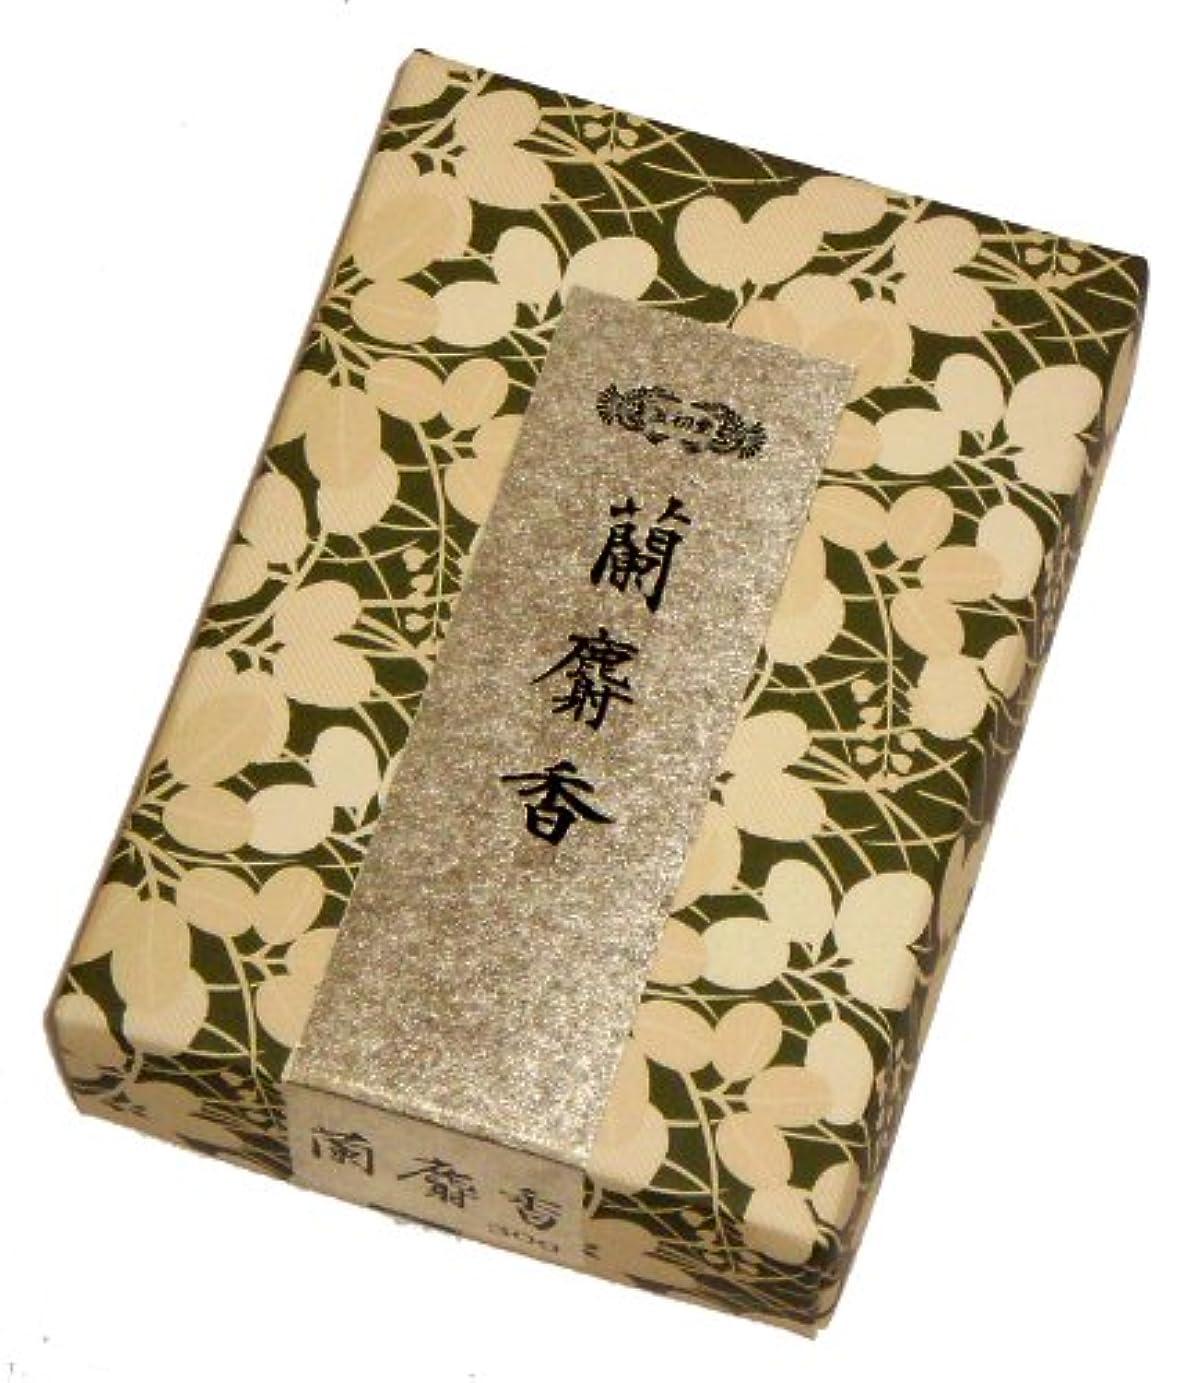 非武装化発行する有名玉初堂のお香 蘭麝香 30g #625